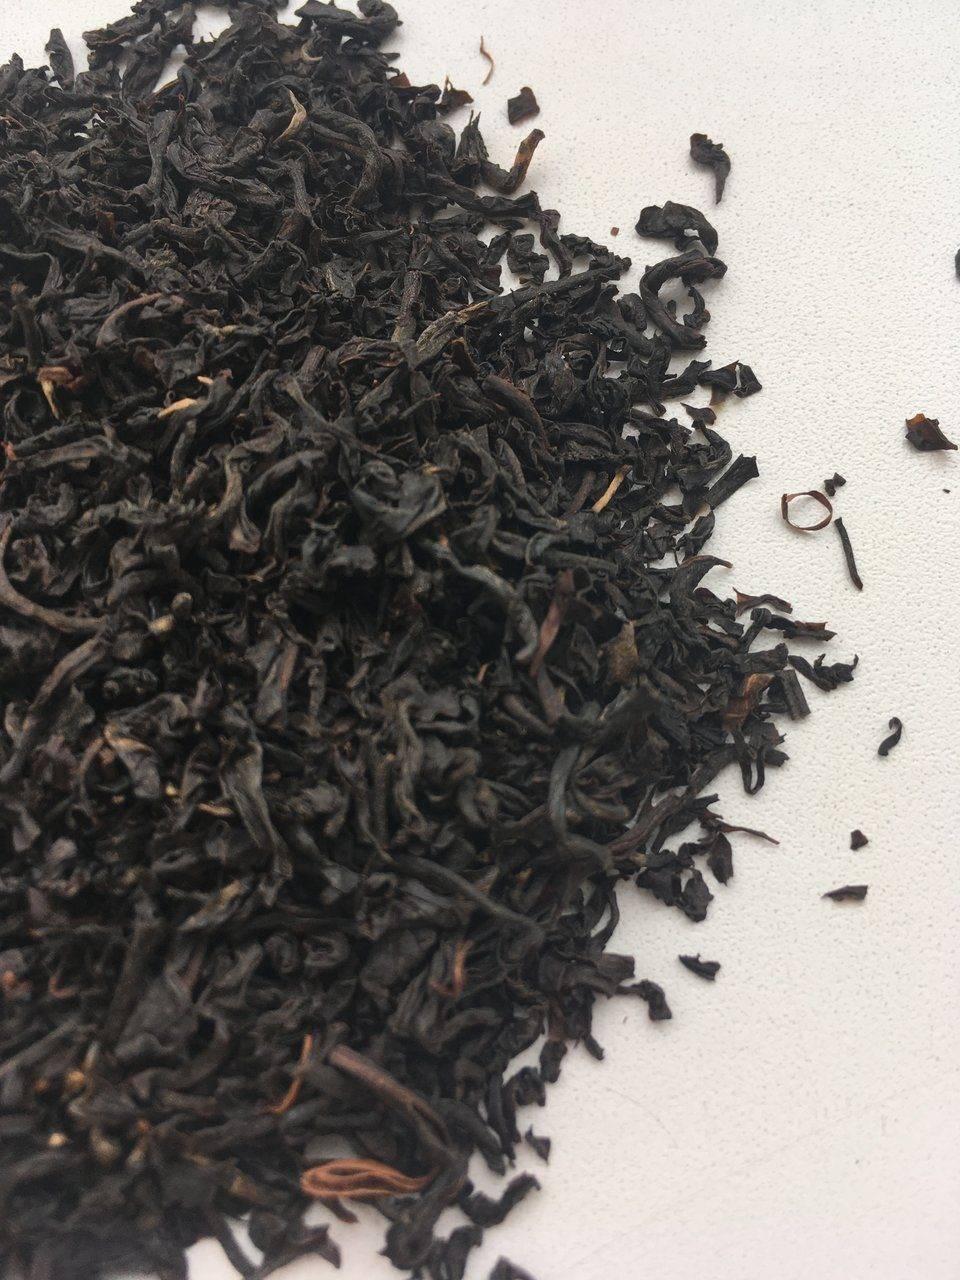 Кенийский чай: история, сорта, отличие от цейлонского